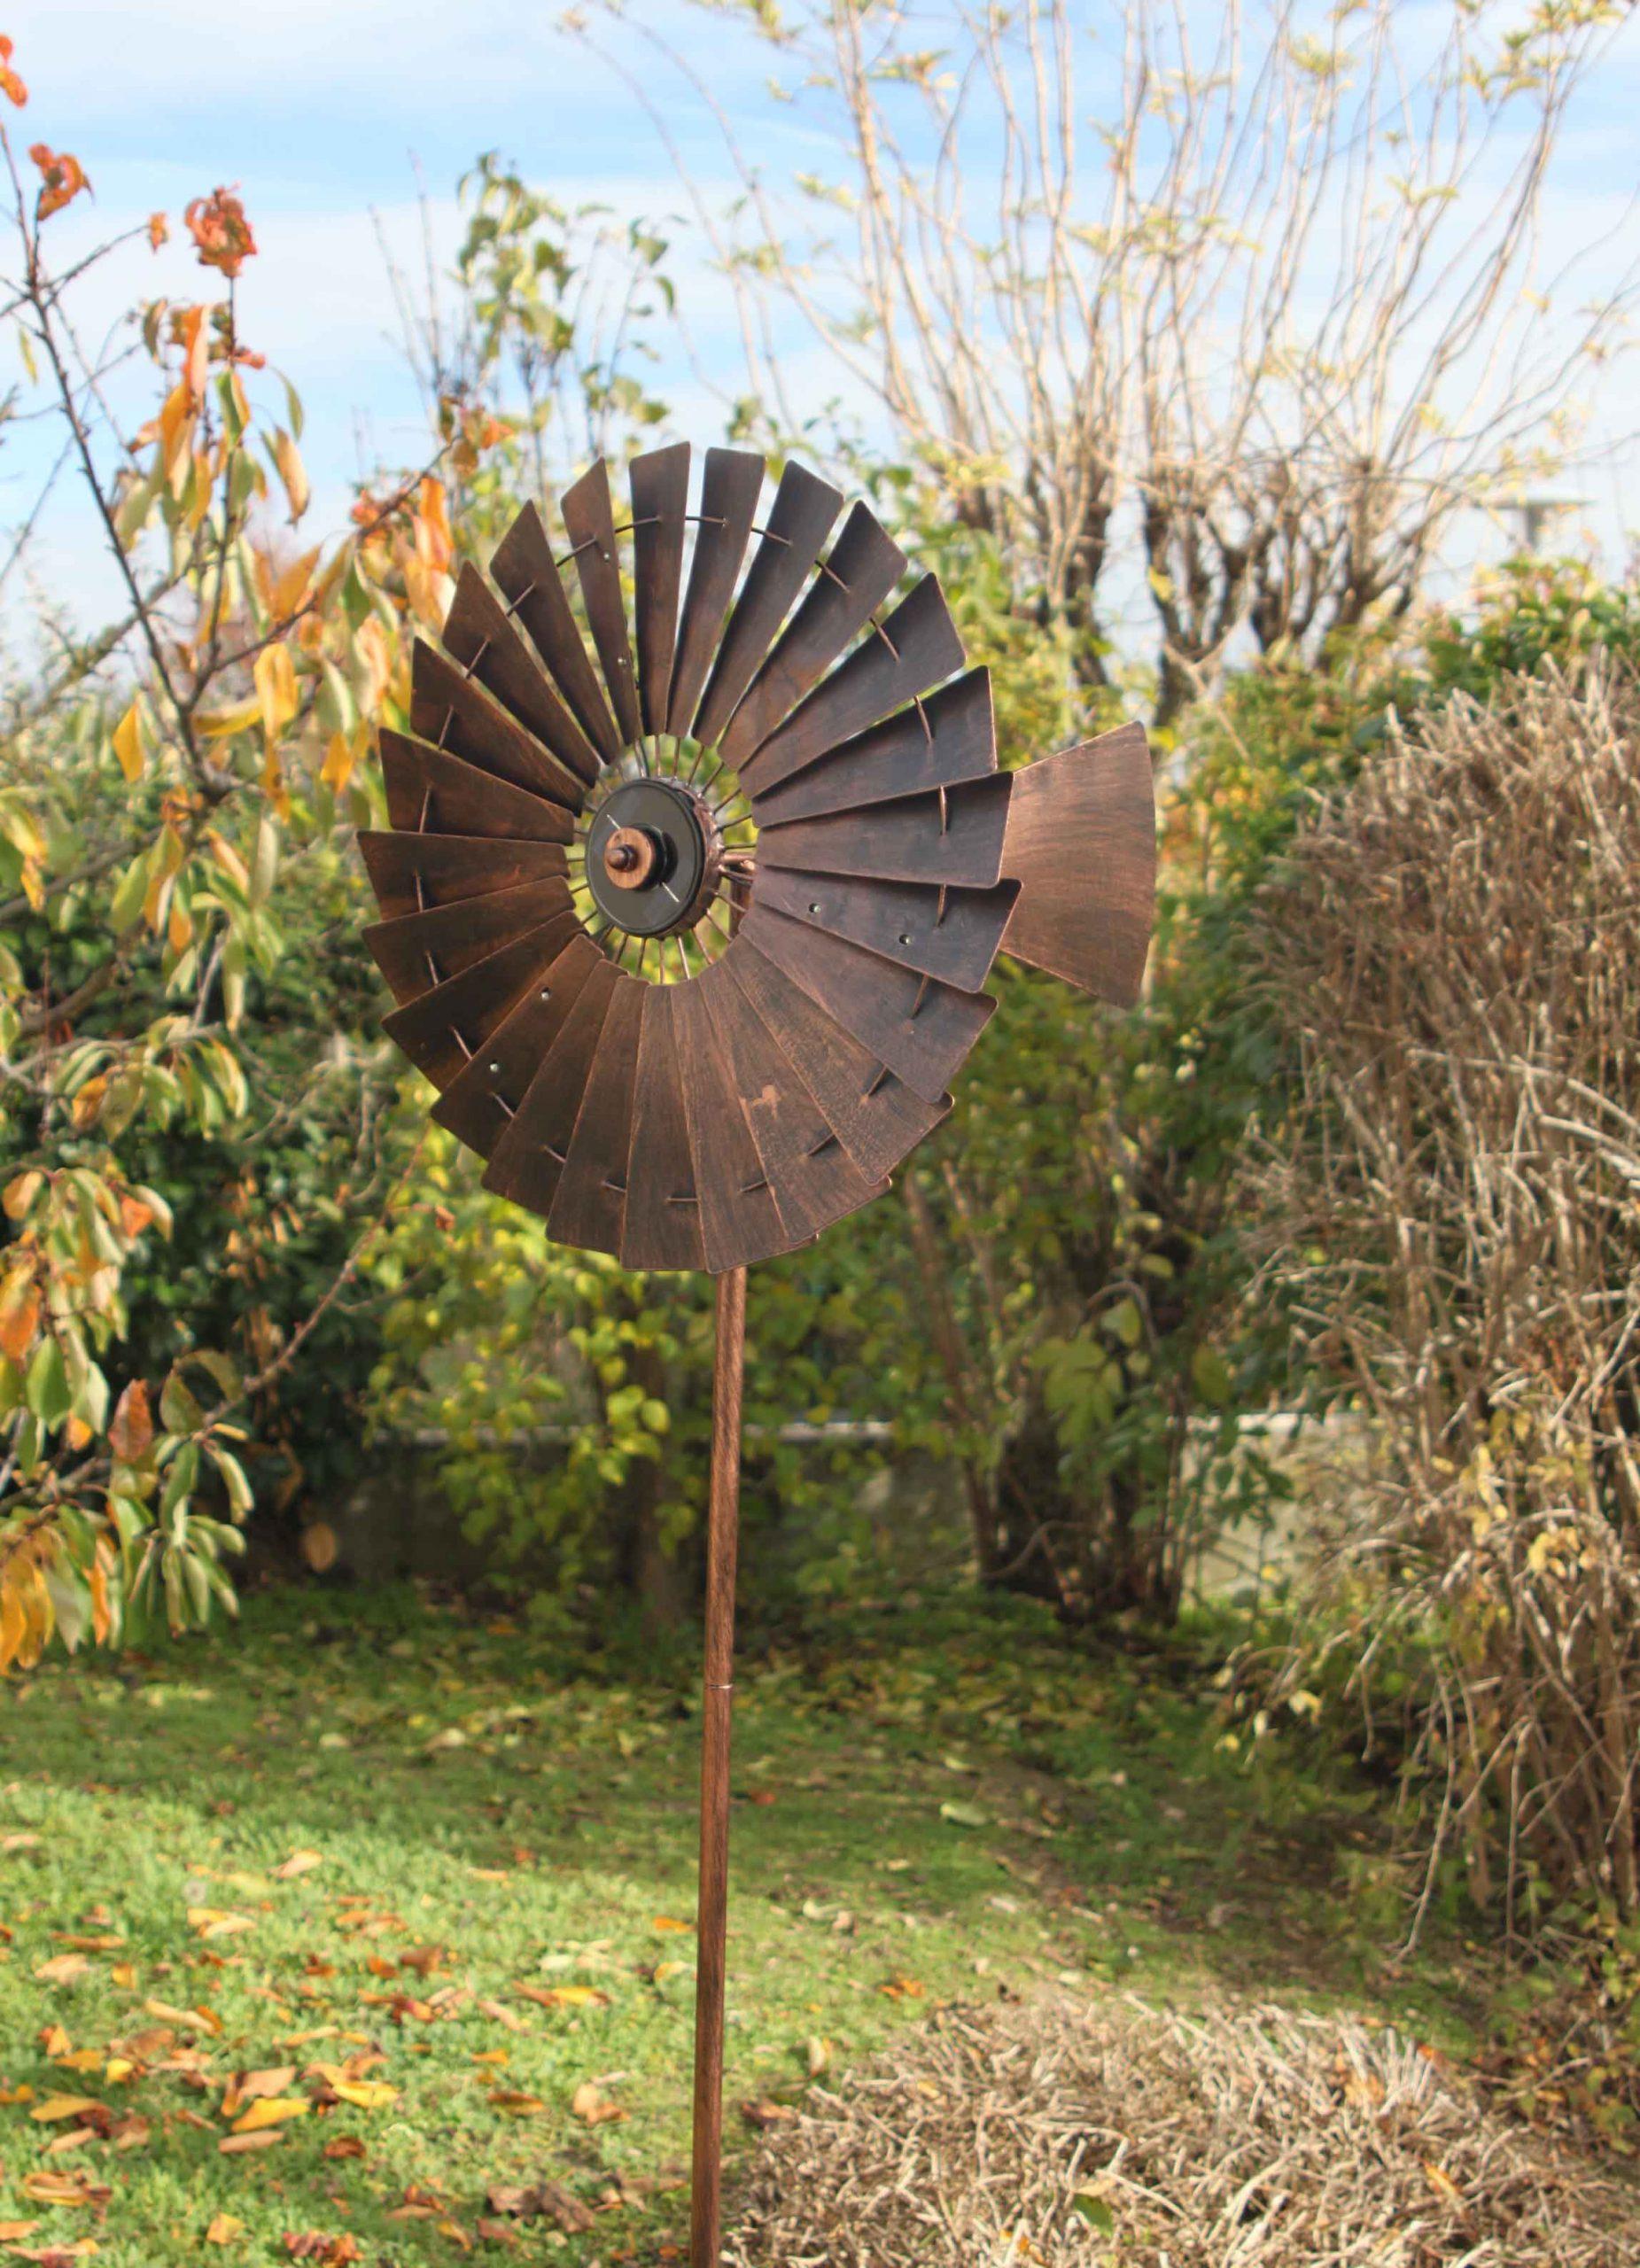 Girouettes Et Éoliennes Qui Tournent Au Vent destiné Girouette De Jardin